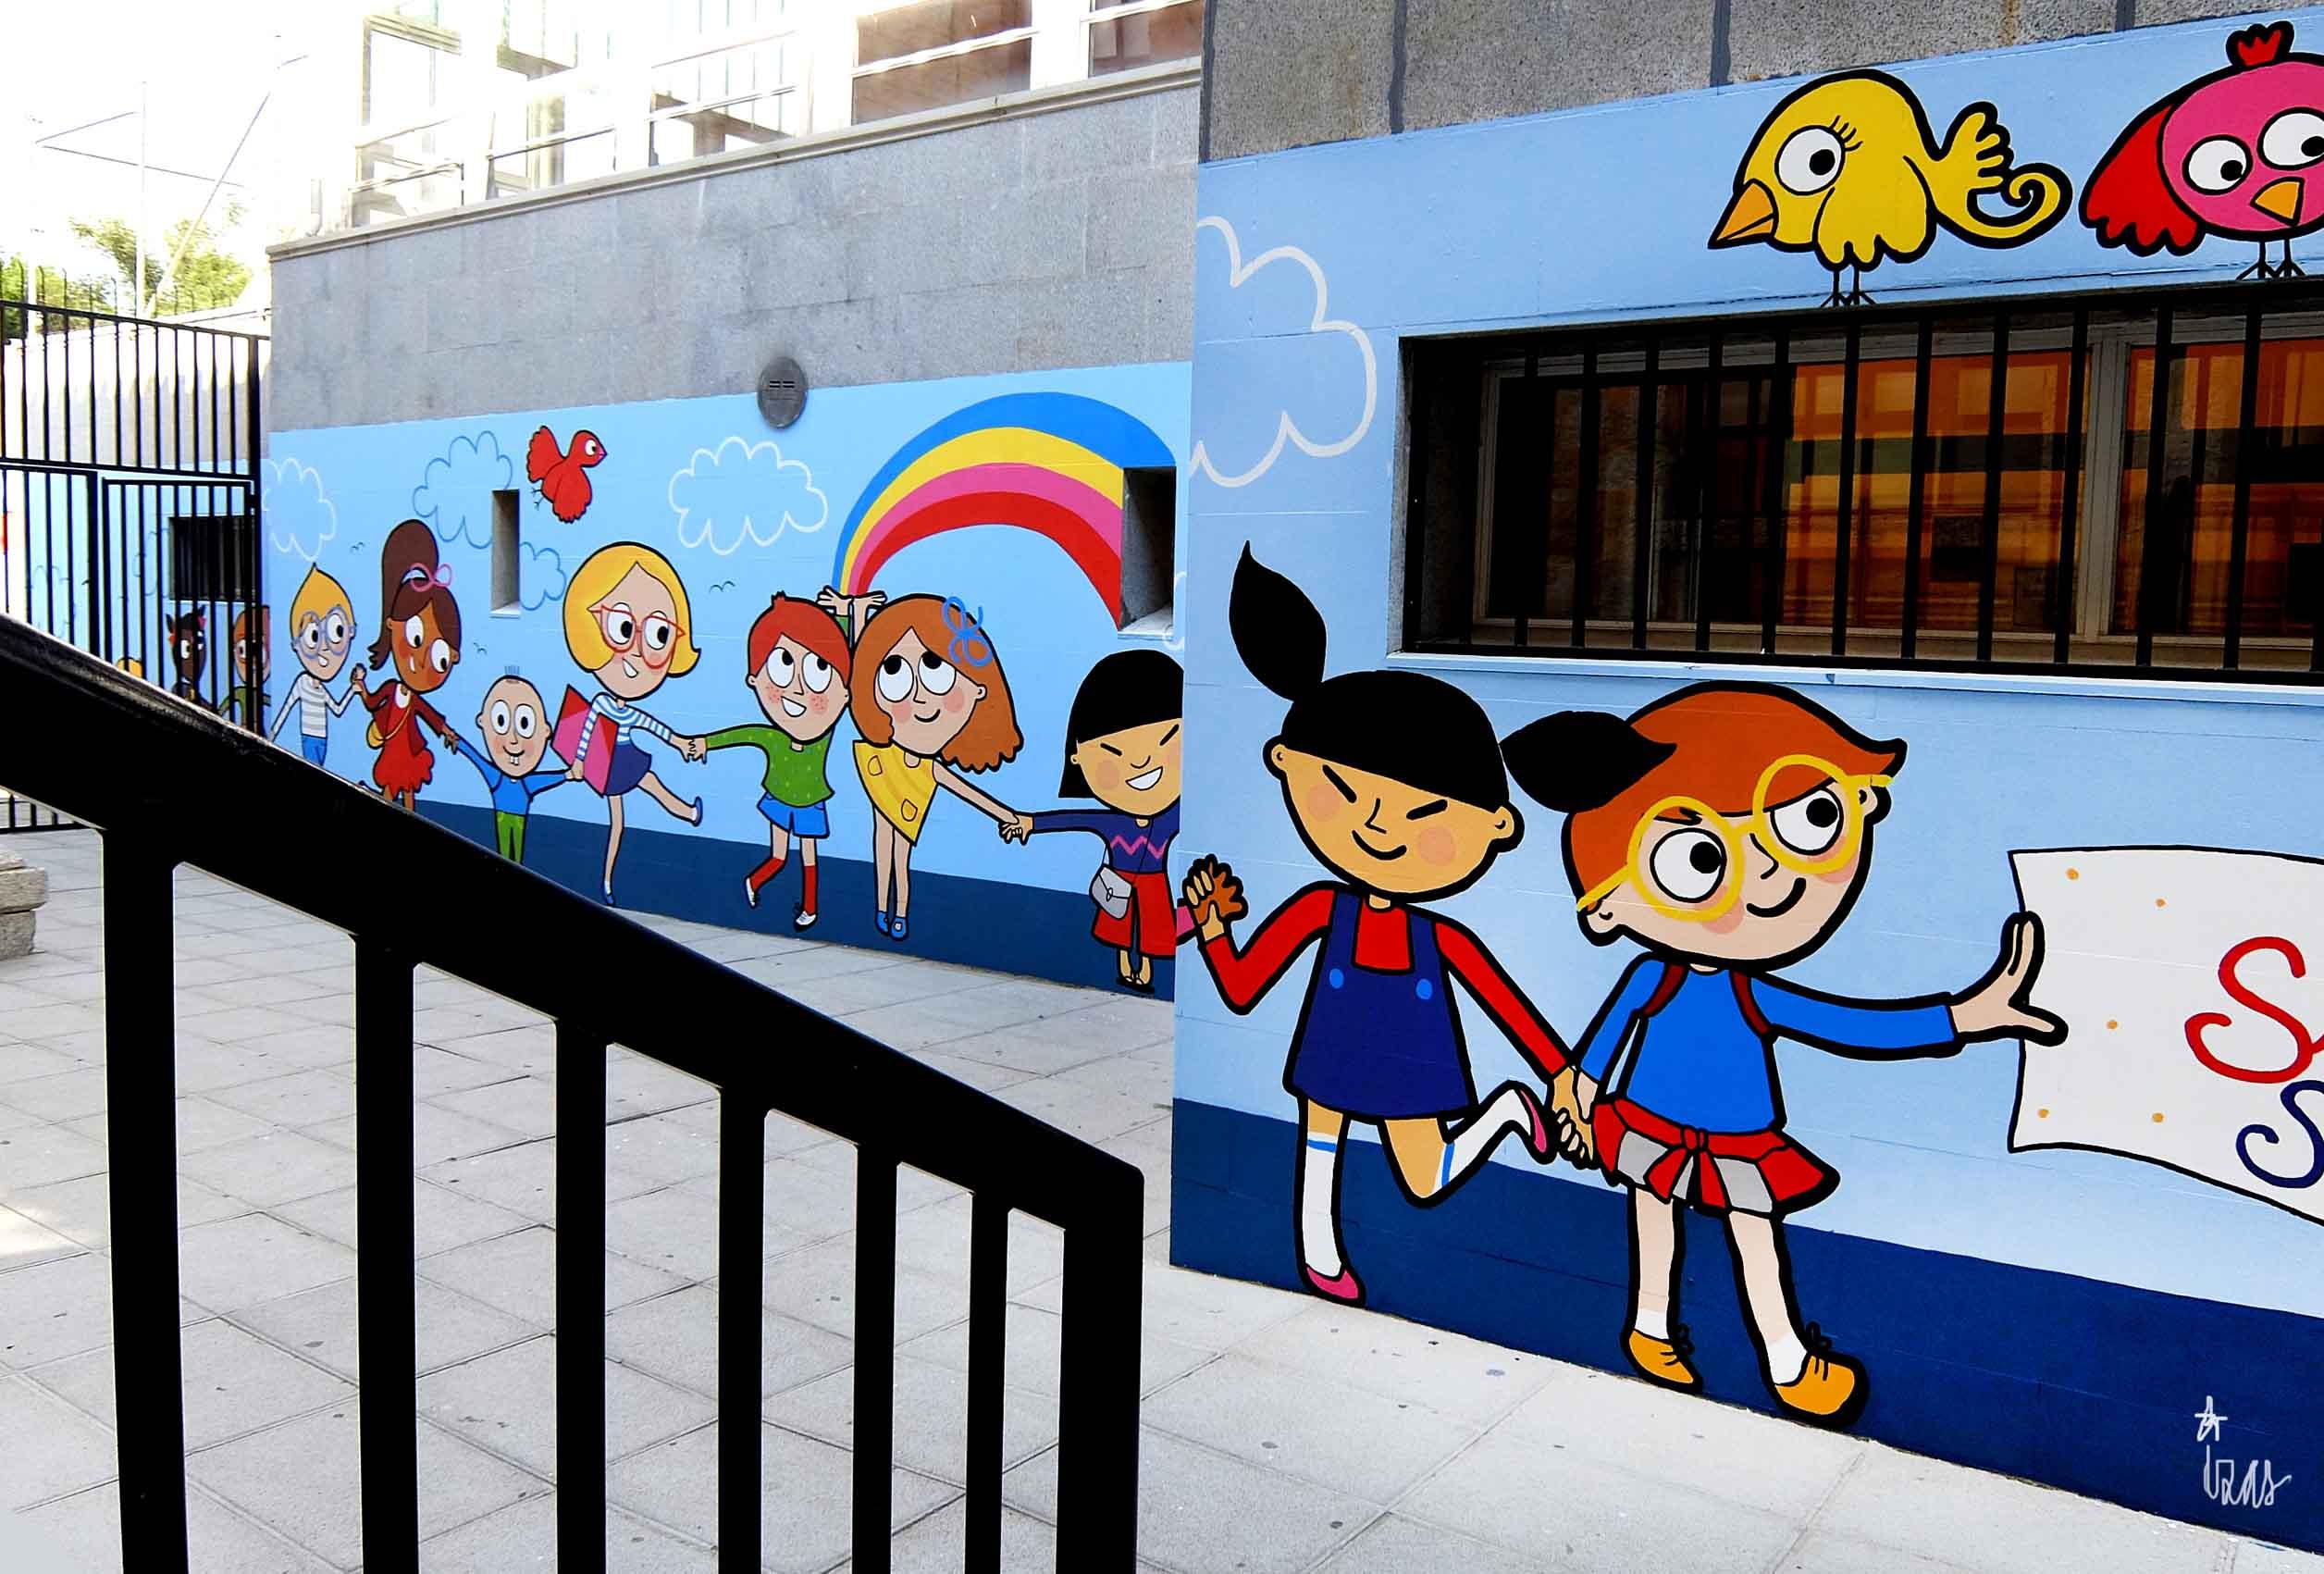 mural izas soledad sainz entrada 5